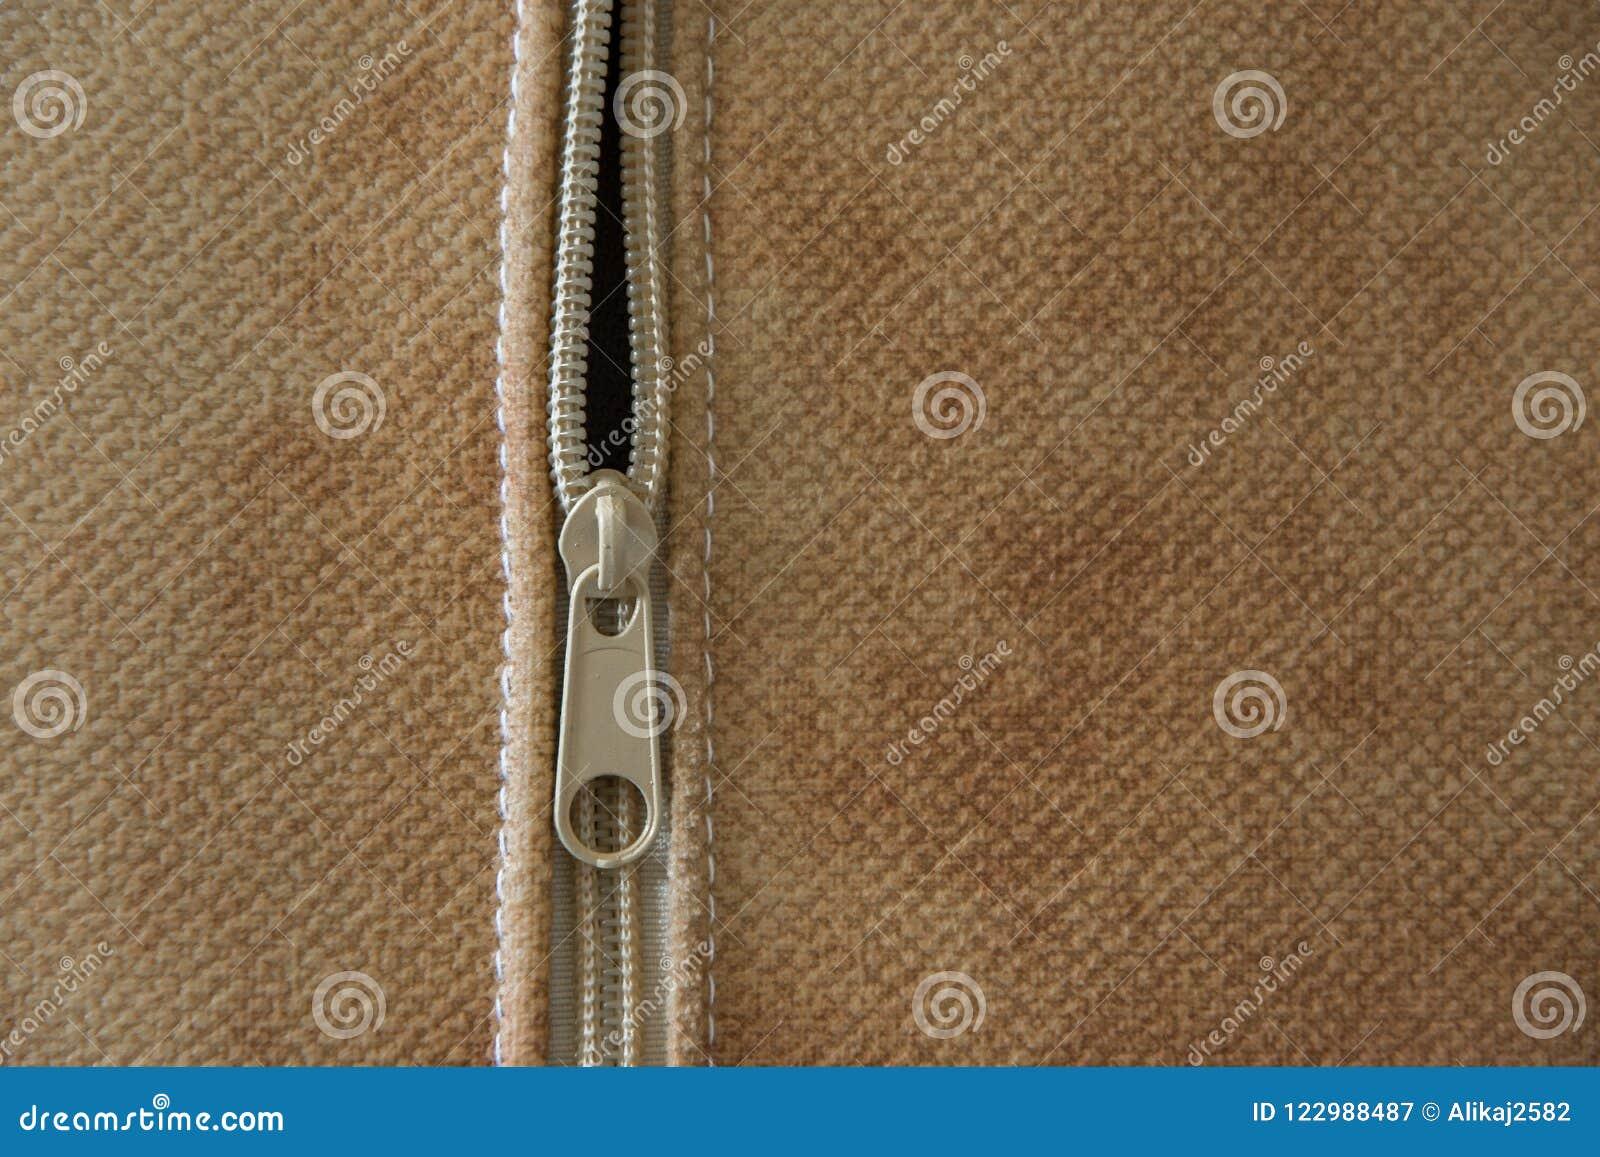 Närbildsikt av blixtlåset av en dekorativ kudde, begrepp - textilbransch för inredningar